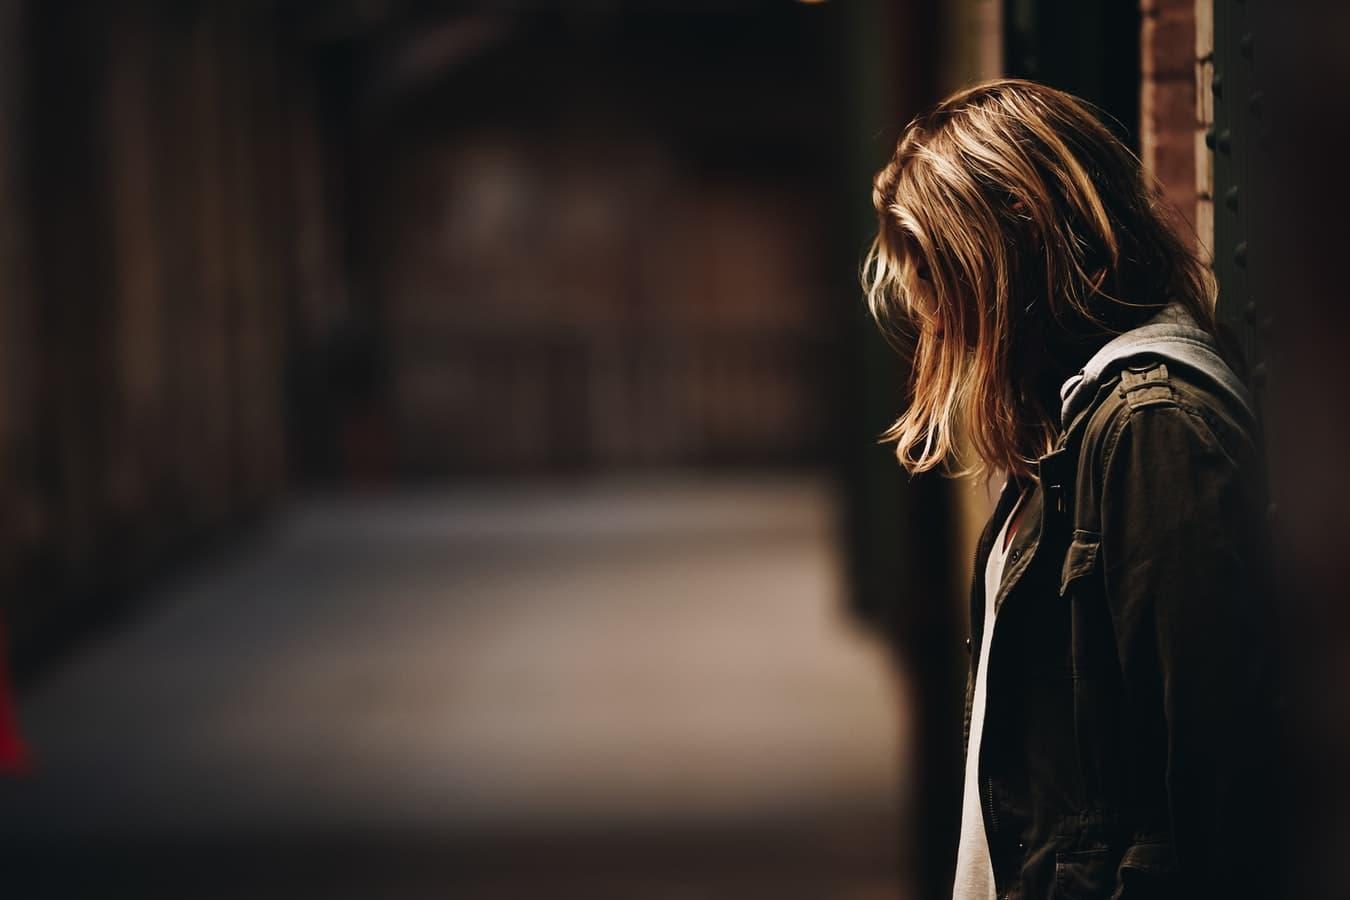 5 скрытых признаков эмоционального давления